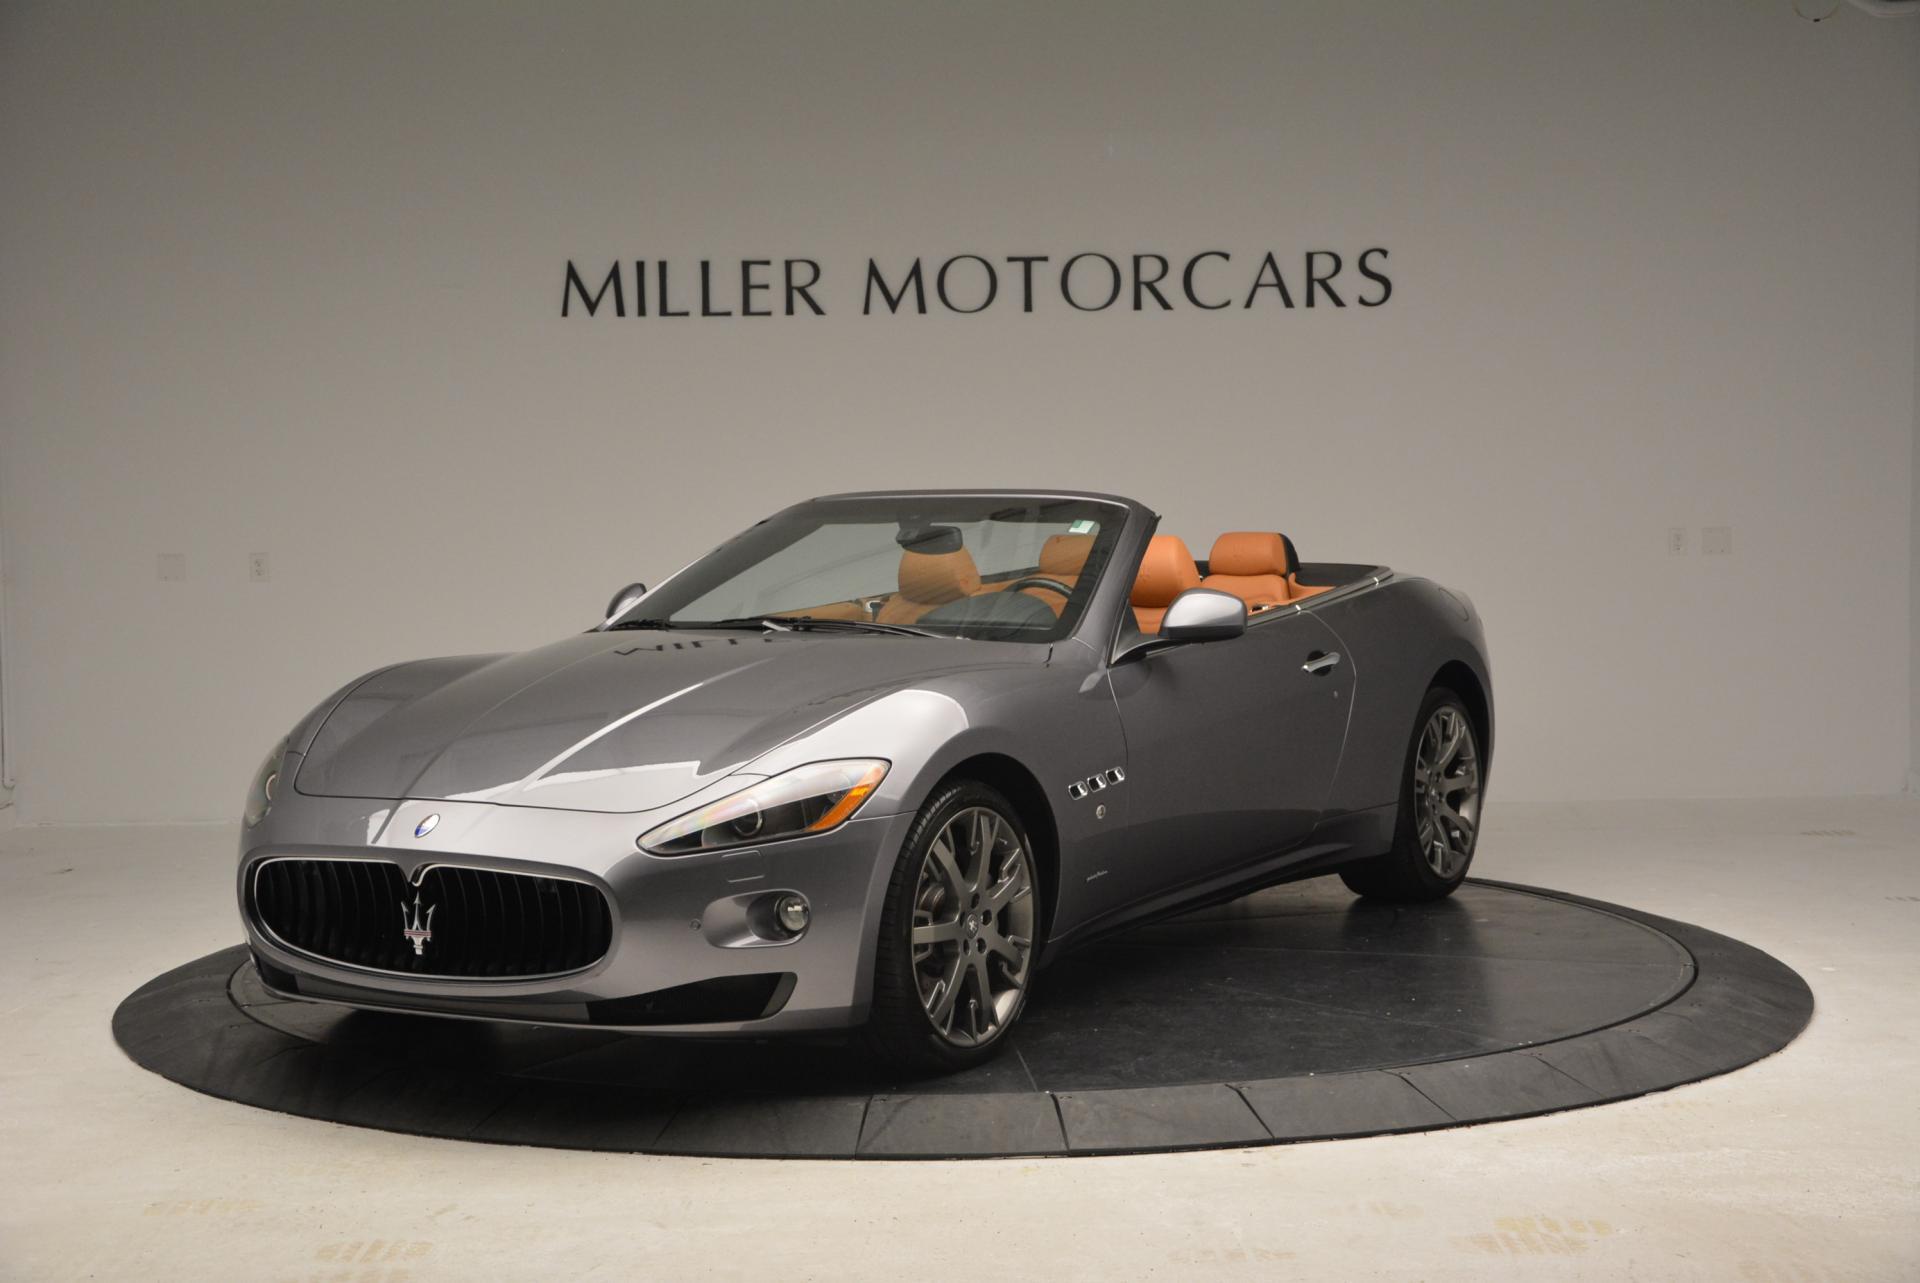 Used 2012 Maserati GranTurismo for sale Sold at Maserati of Greenwich in Greenwich CT 06830 1